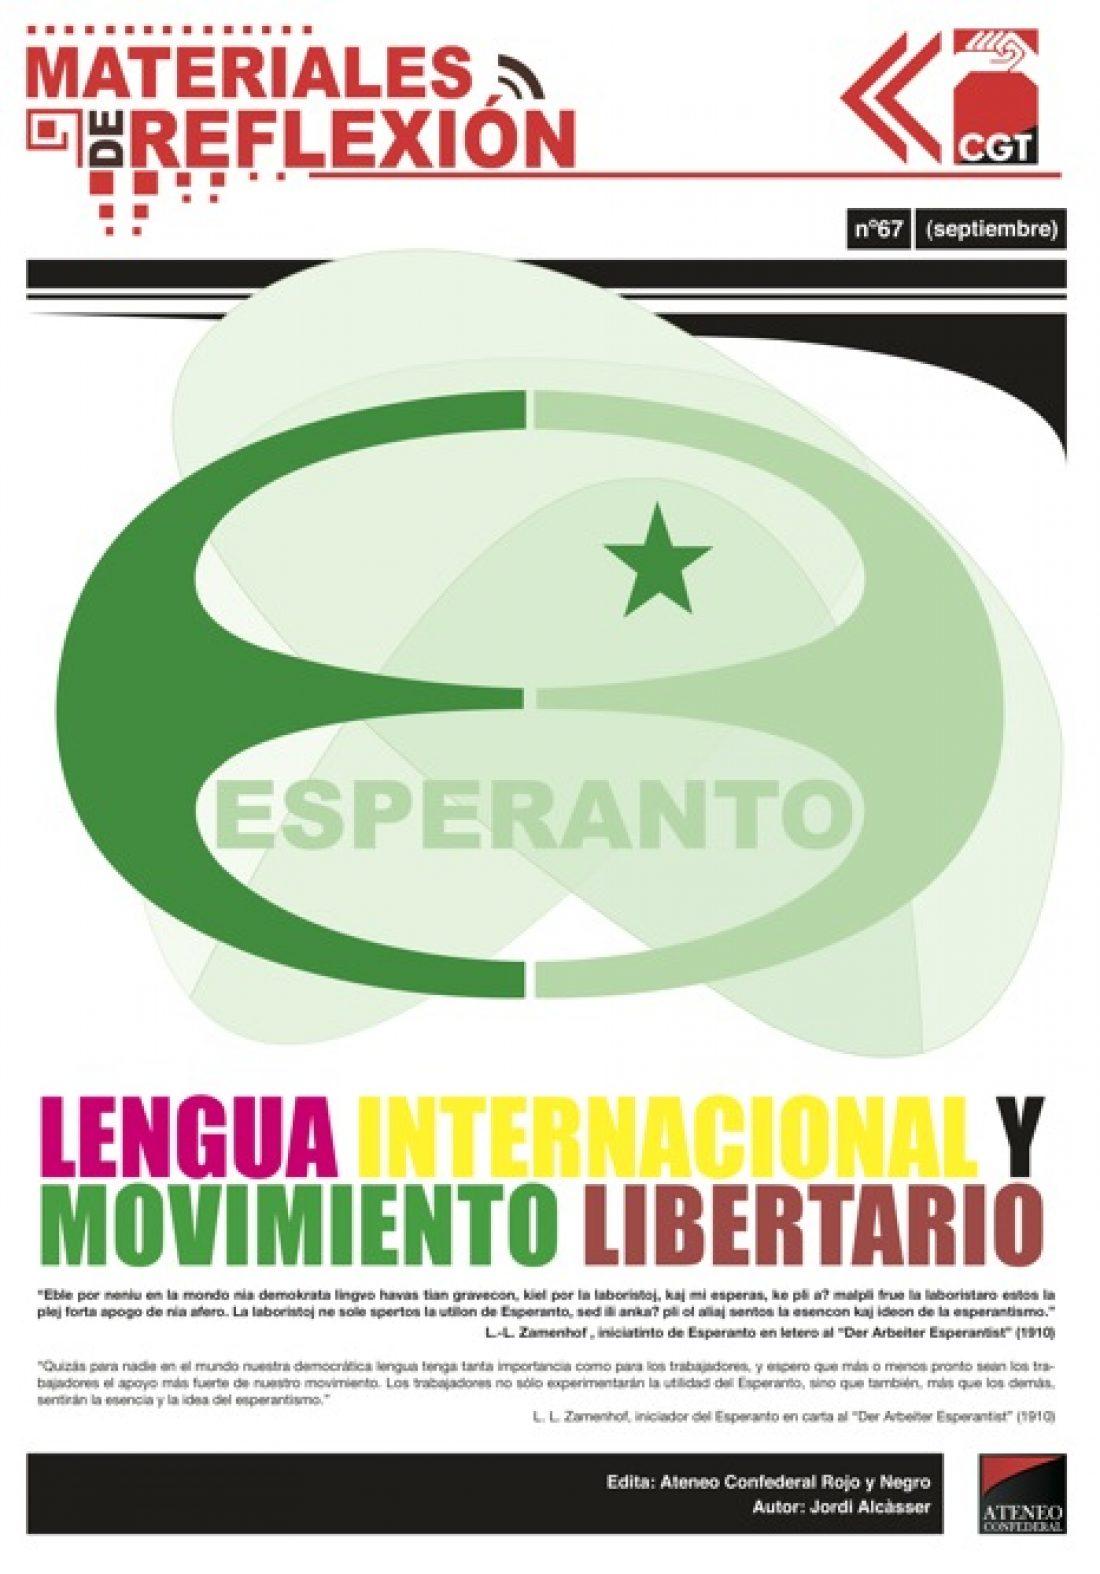 MR nº 67: Esperanto, Lengua Internacional y Movimiento Libertario